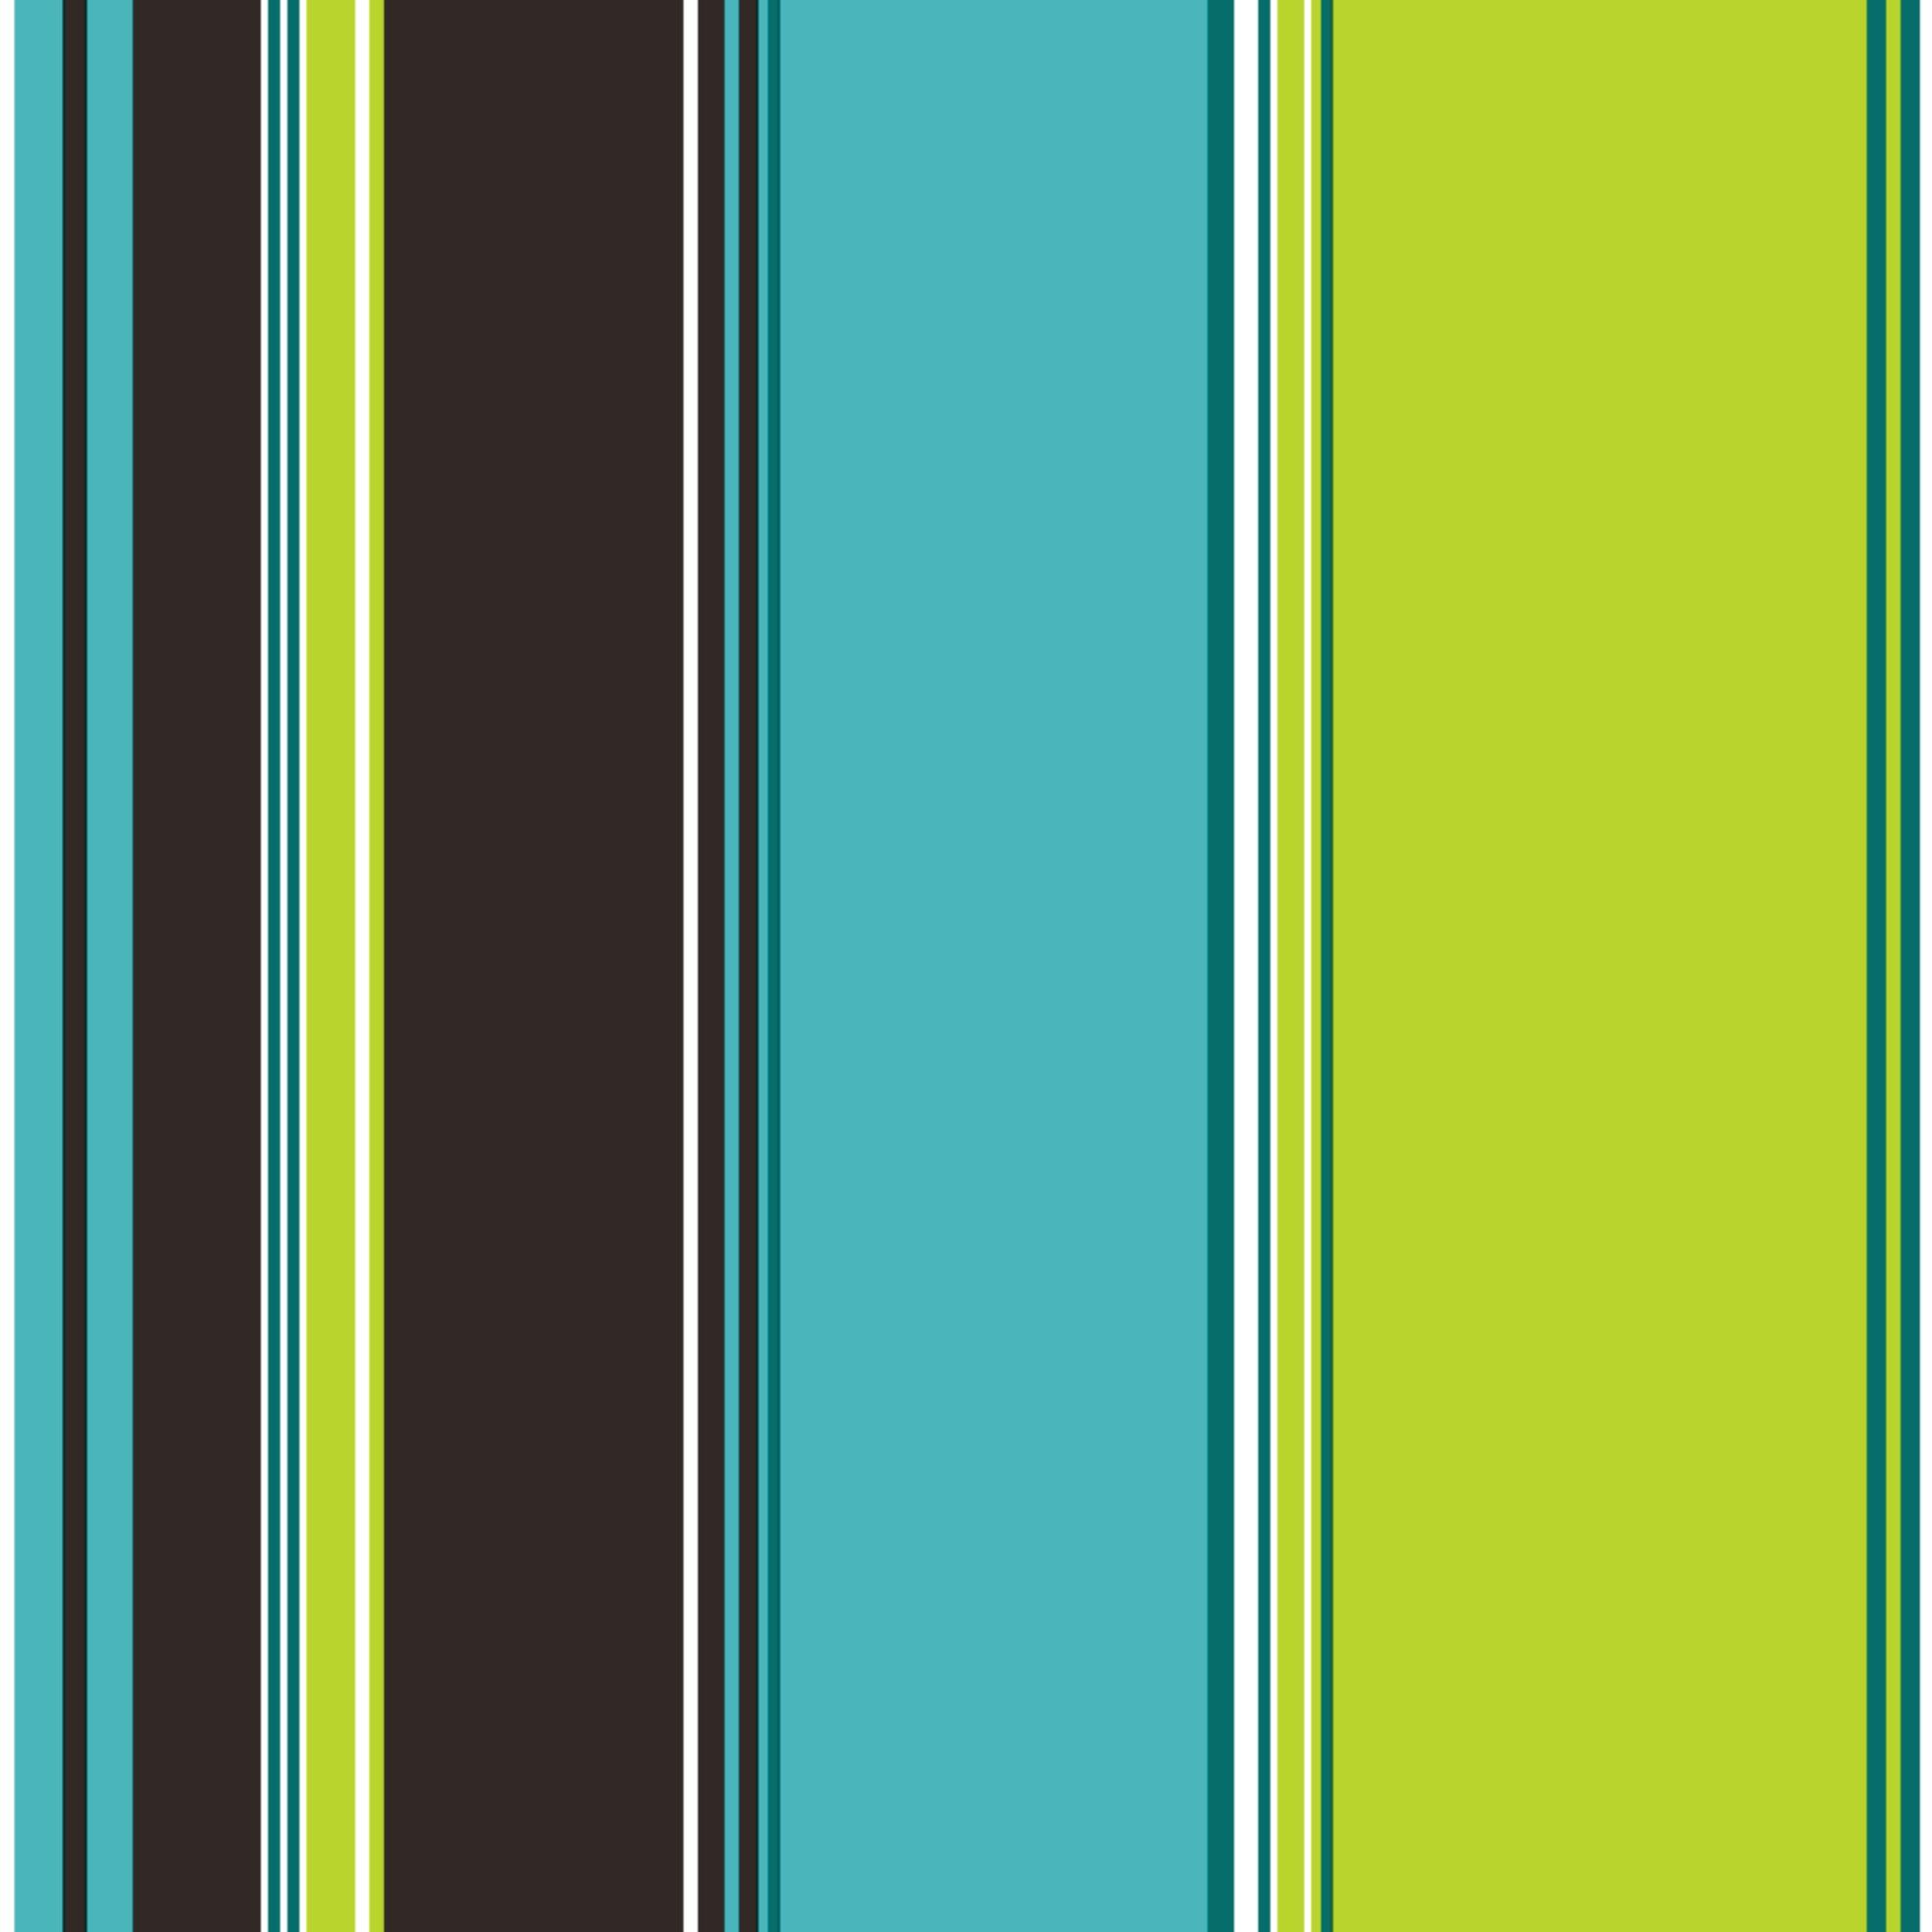 stripes xl 2014 116510 rasch textil tapete streifen schwarz gr n blau papier ebay. Black Bedroom Furniture Sets. Home Design Ideas